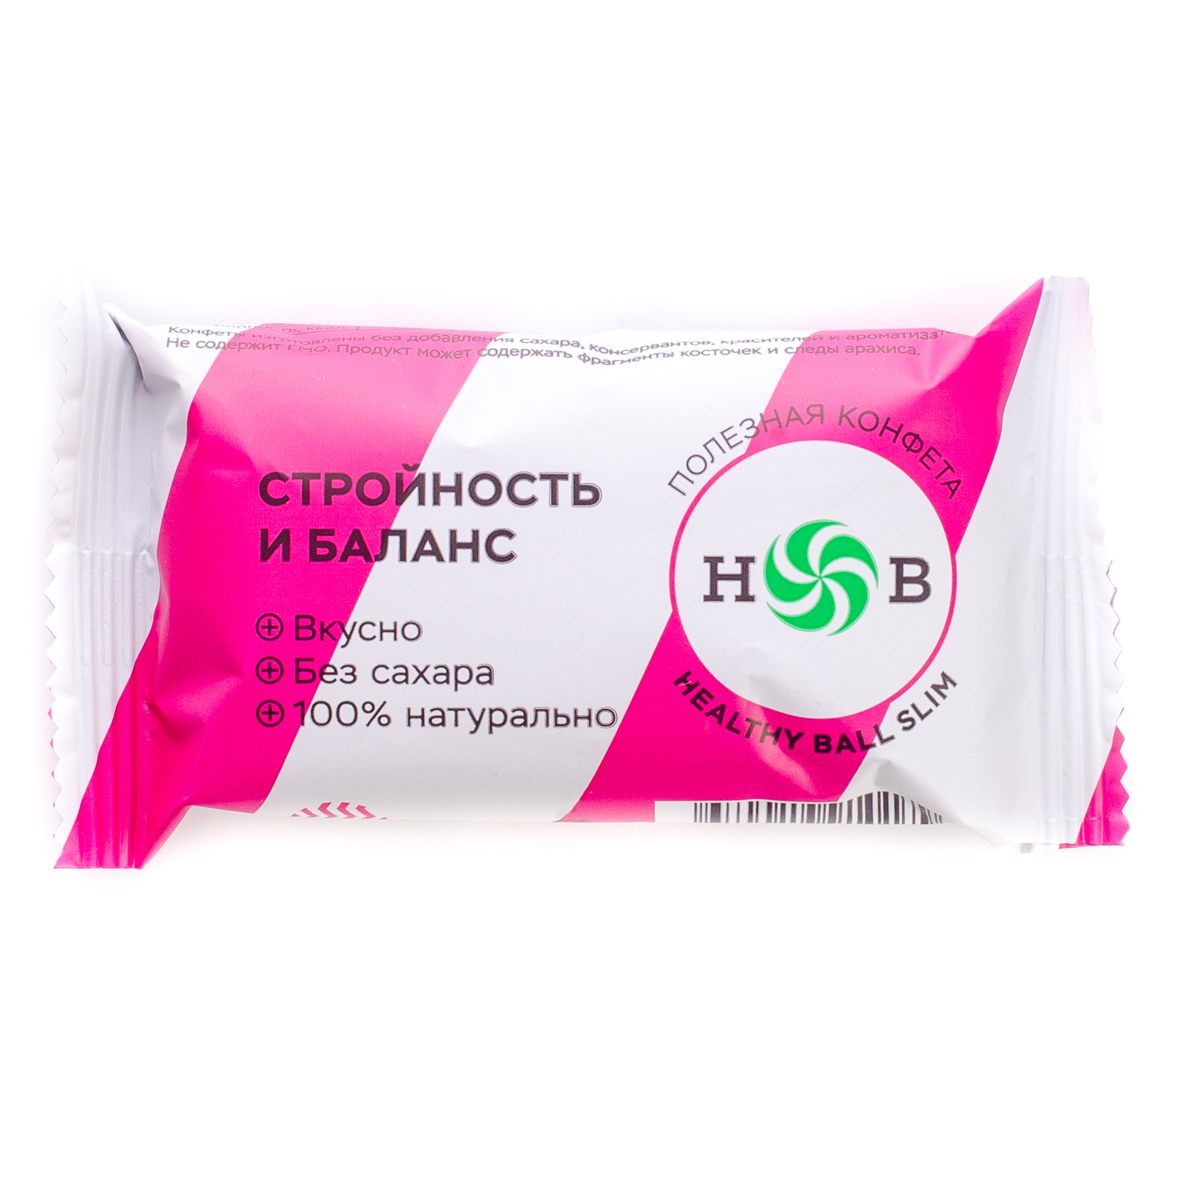 Полезная конфета